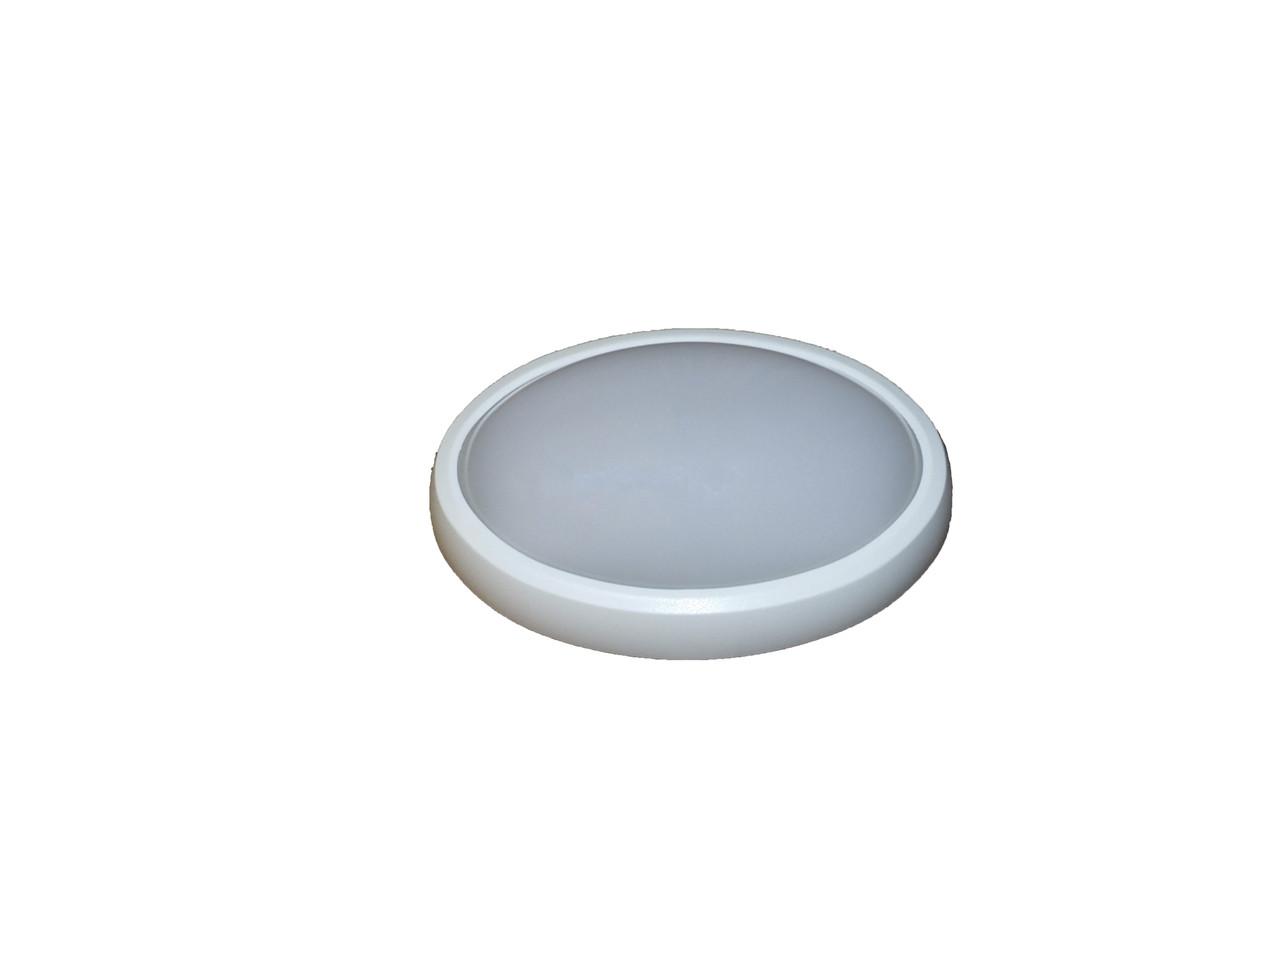 Светодиодный светильник ЖКХ накладной влагозащищённый ELCOR 713009 овал 12Вт (240x160) 4200K 900Лм IP54